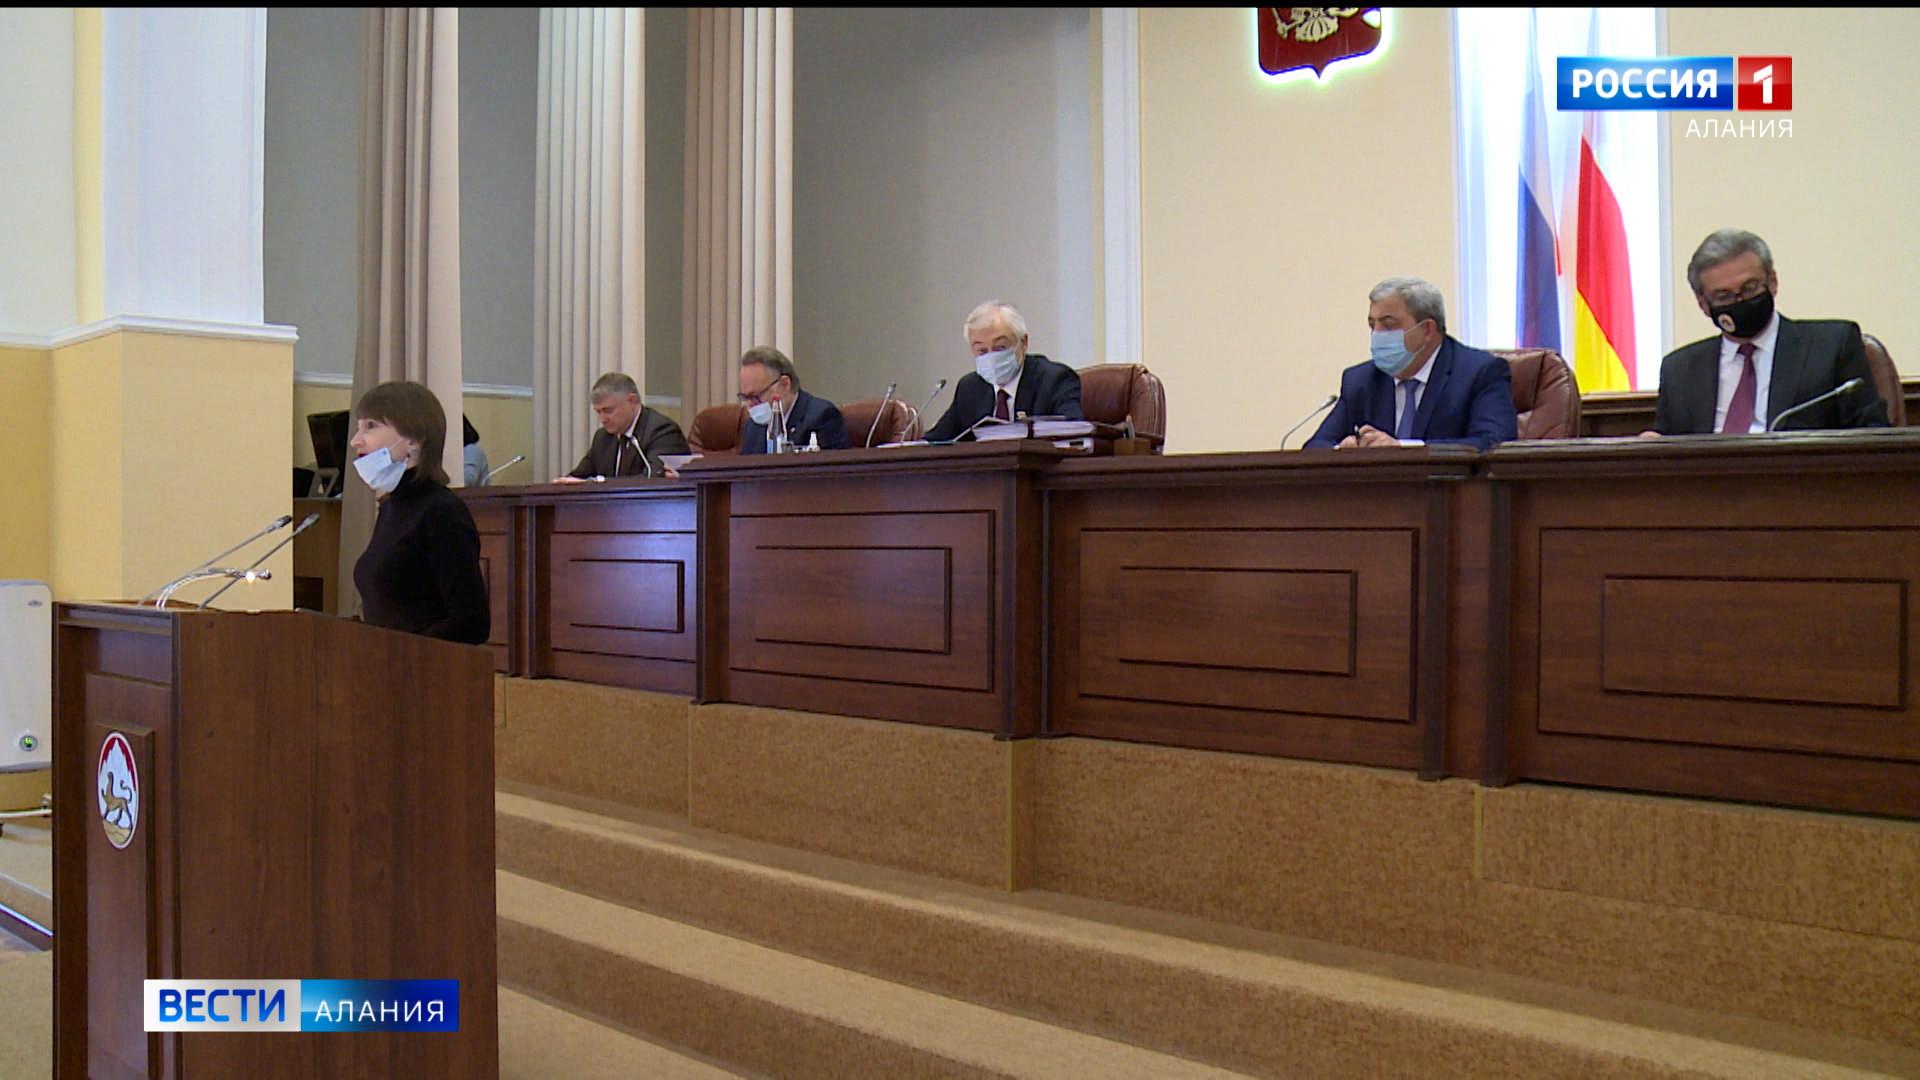 В парламенте Северной Осетии обсудили бюджет республики на ближайшие три года